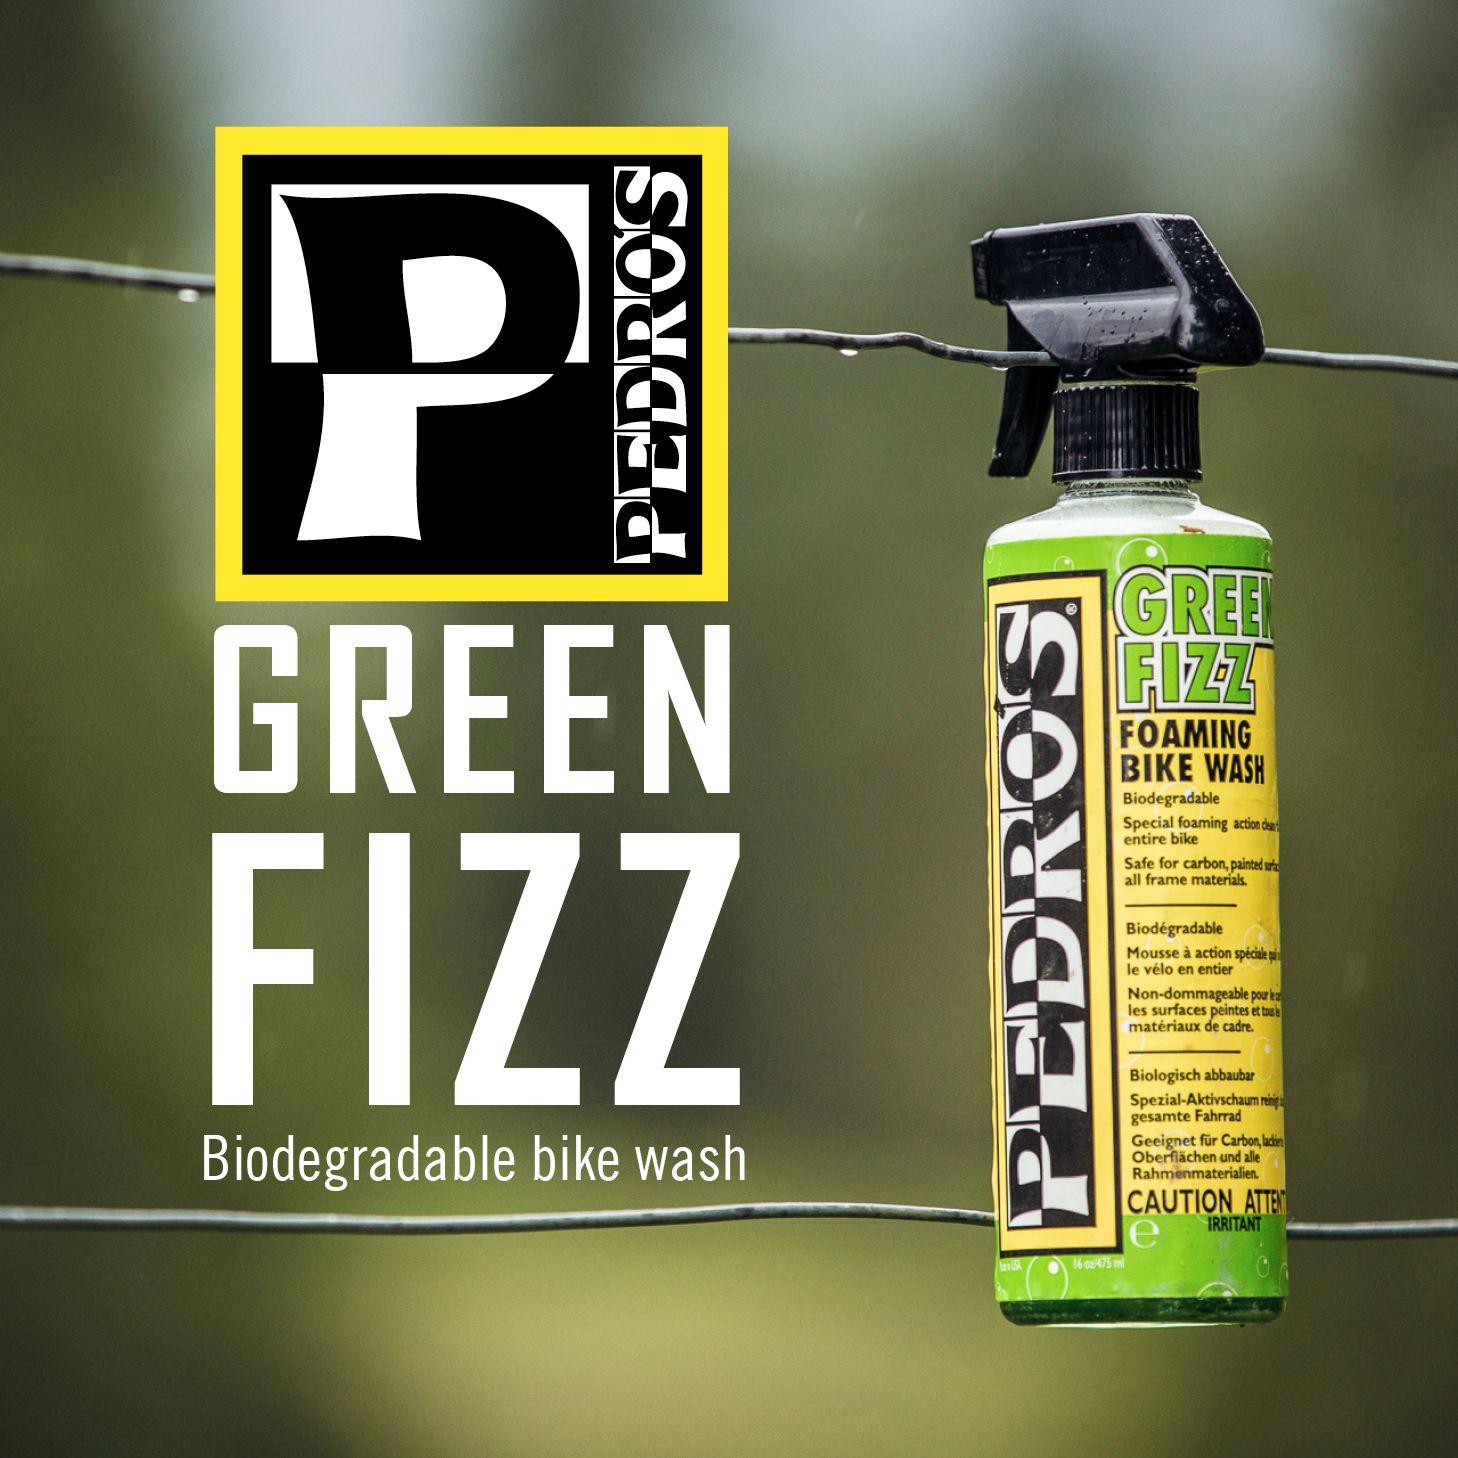 FJ – Pedros green fizz square